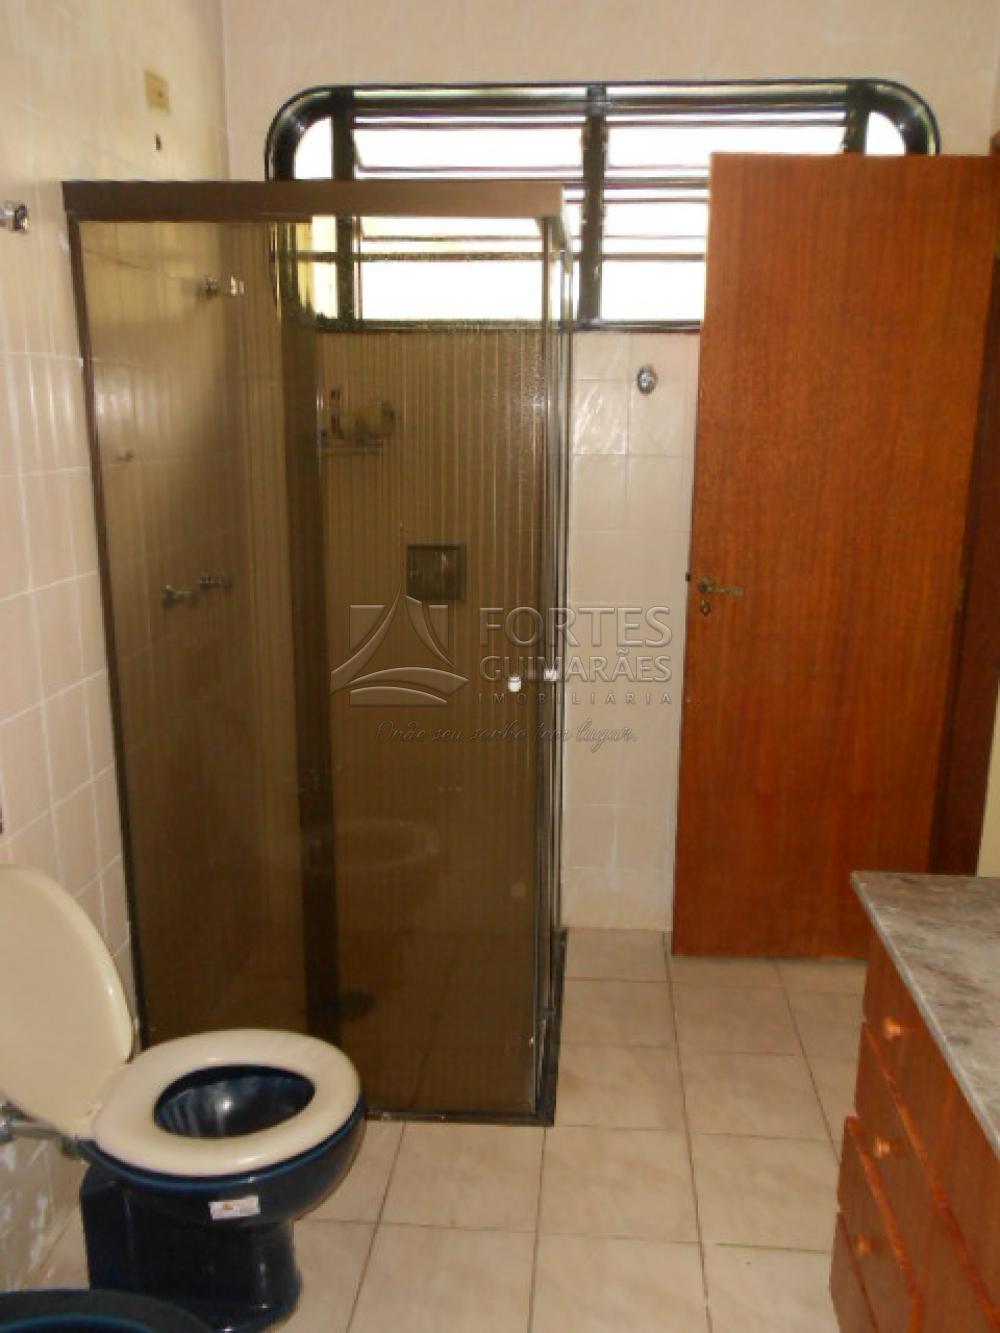 Alugar Comercial / Imóvel Comercial em Ribeirão Preto apenas R$ 5.000,00 - Foto 47